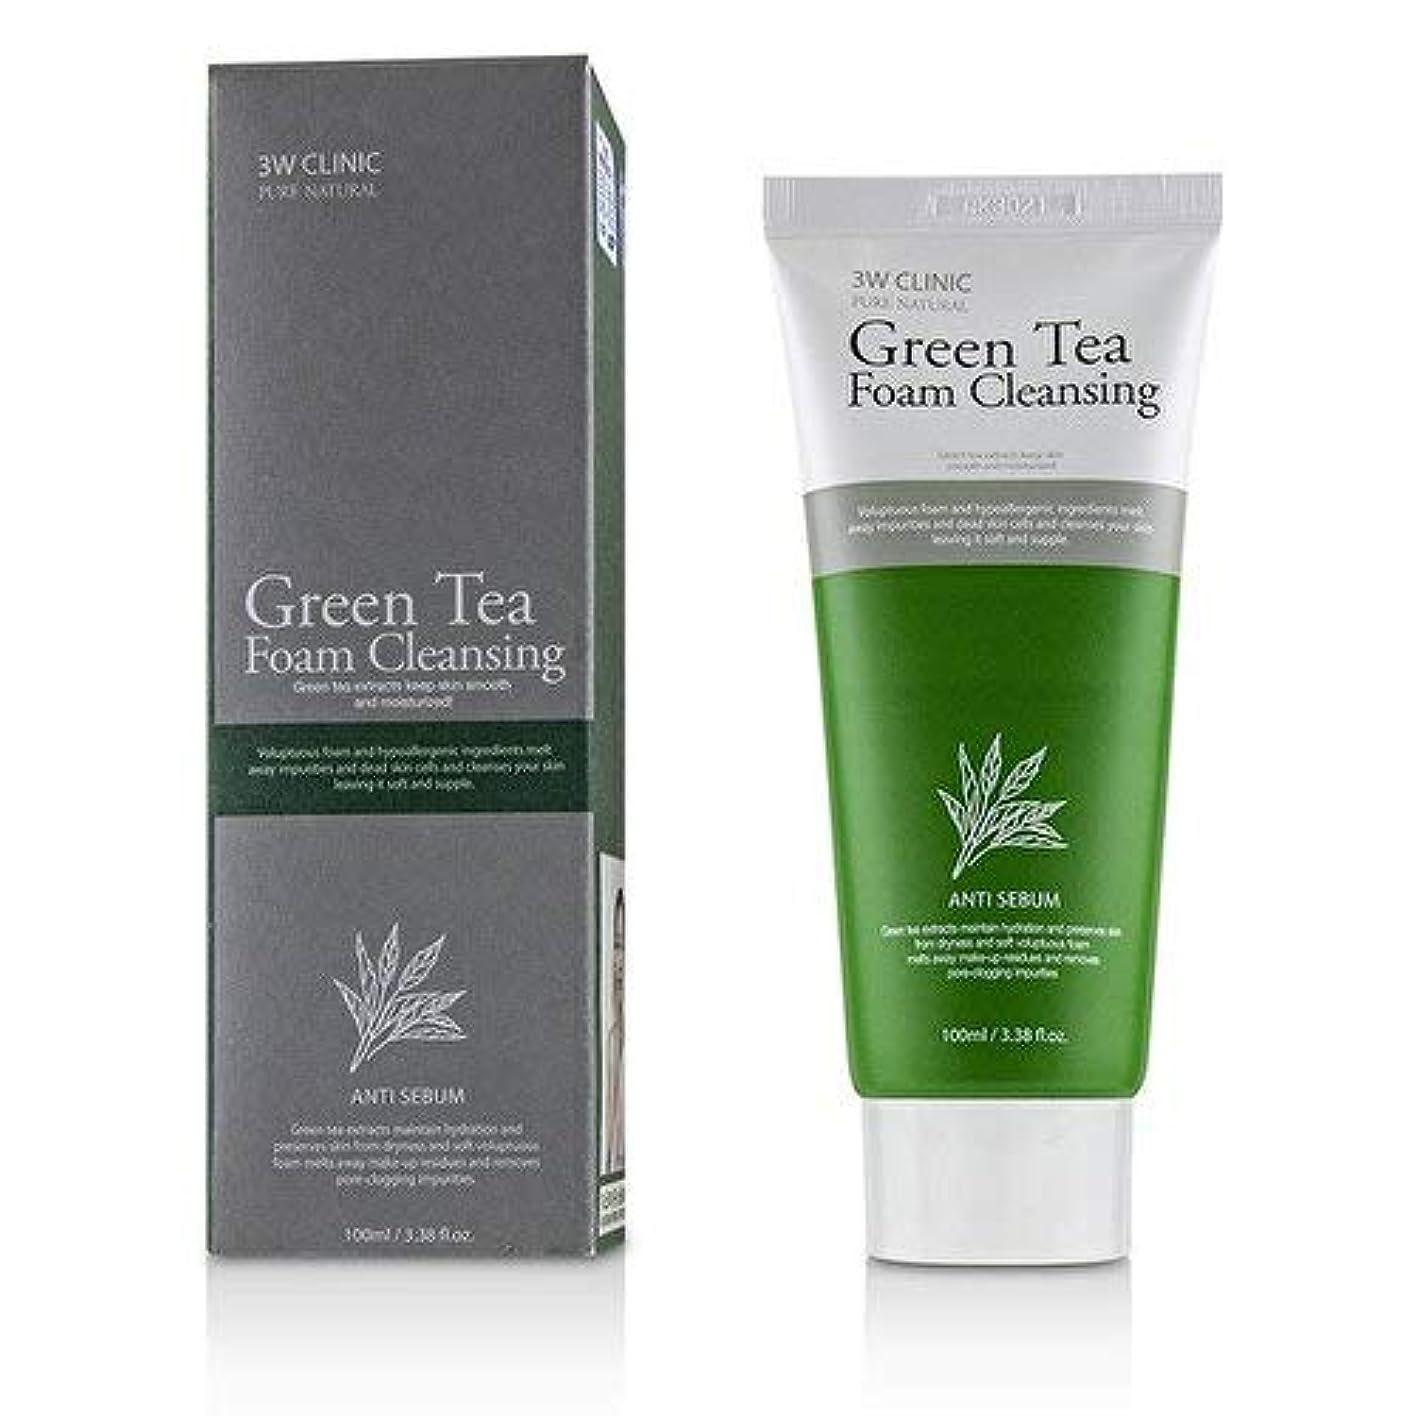 ライオネルグリーンストリート再現するほとんどの場合3Wクリニック Green Tea Foam Cleansing 100ml/3.38oz並行輸入品